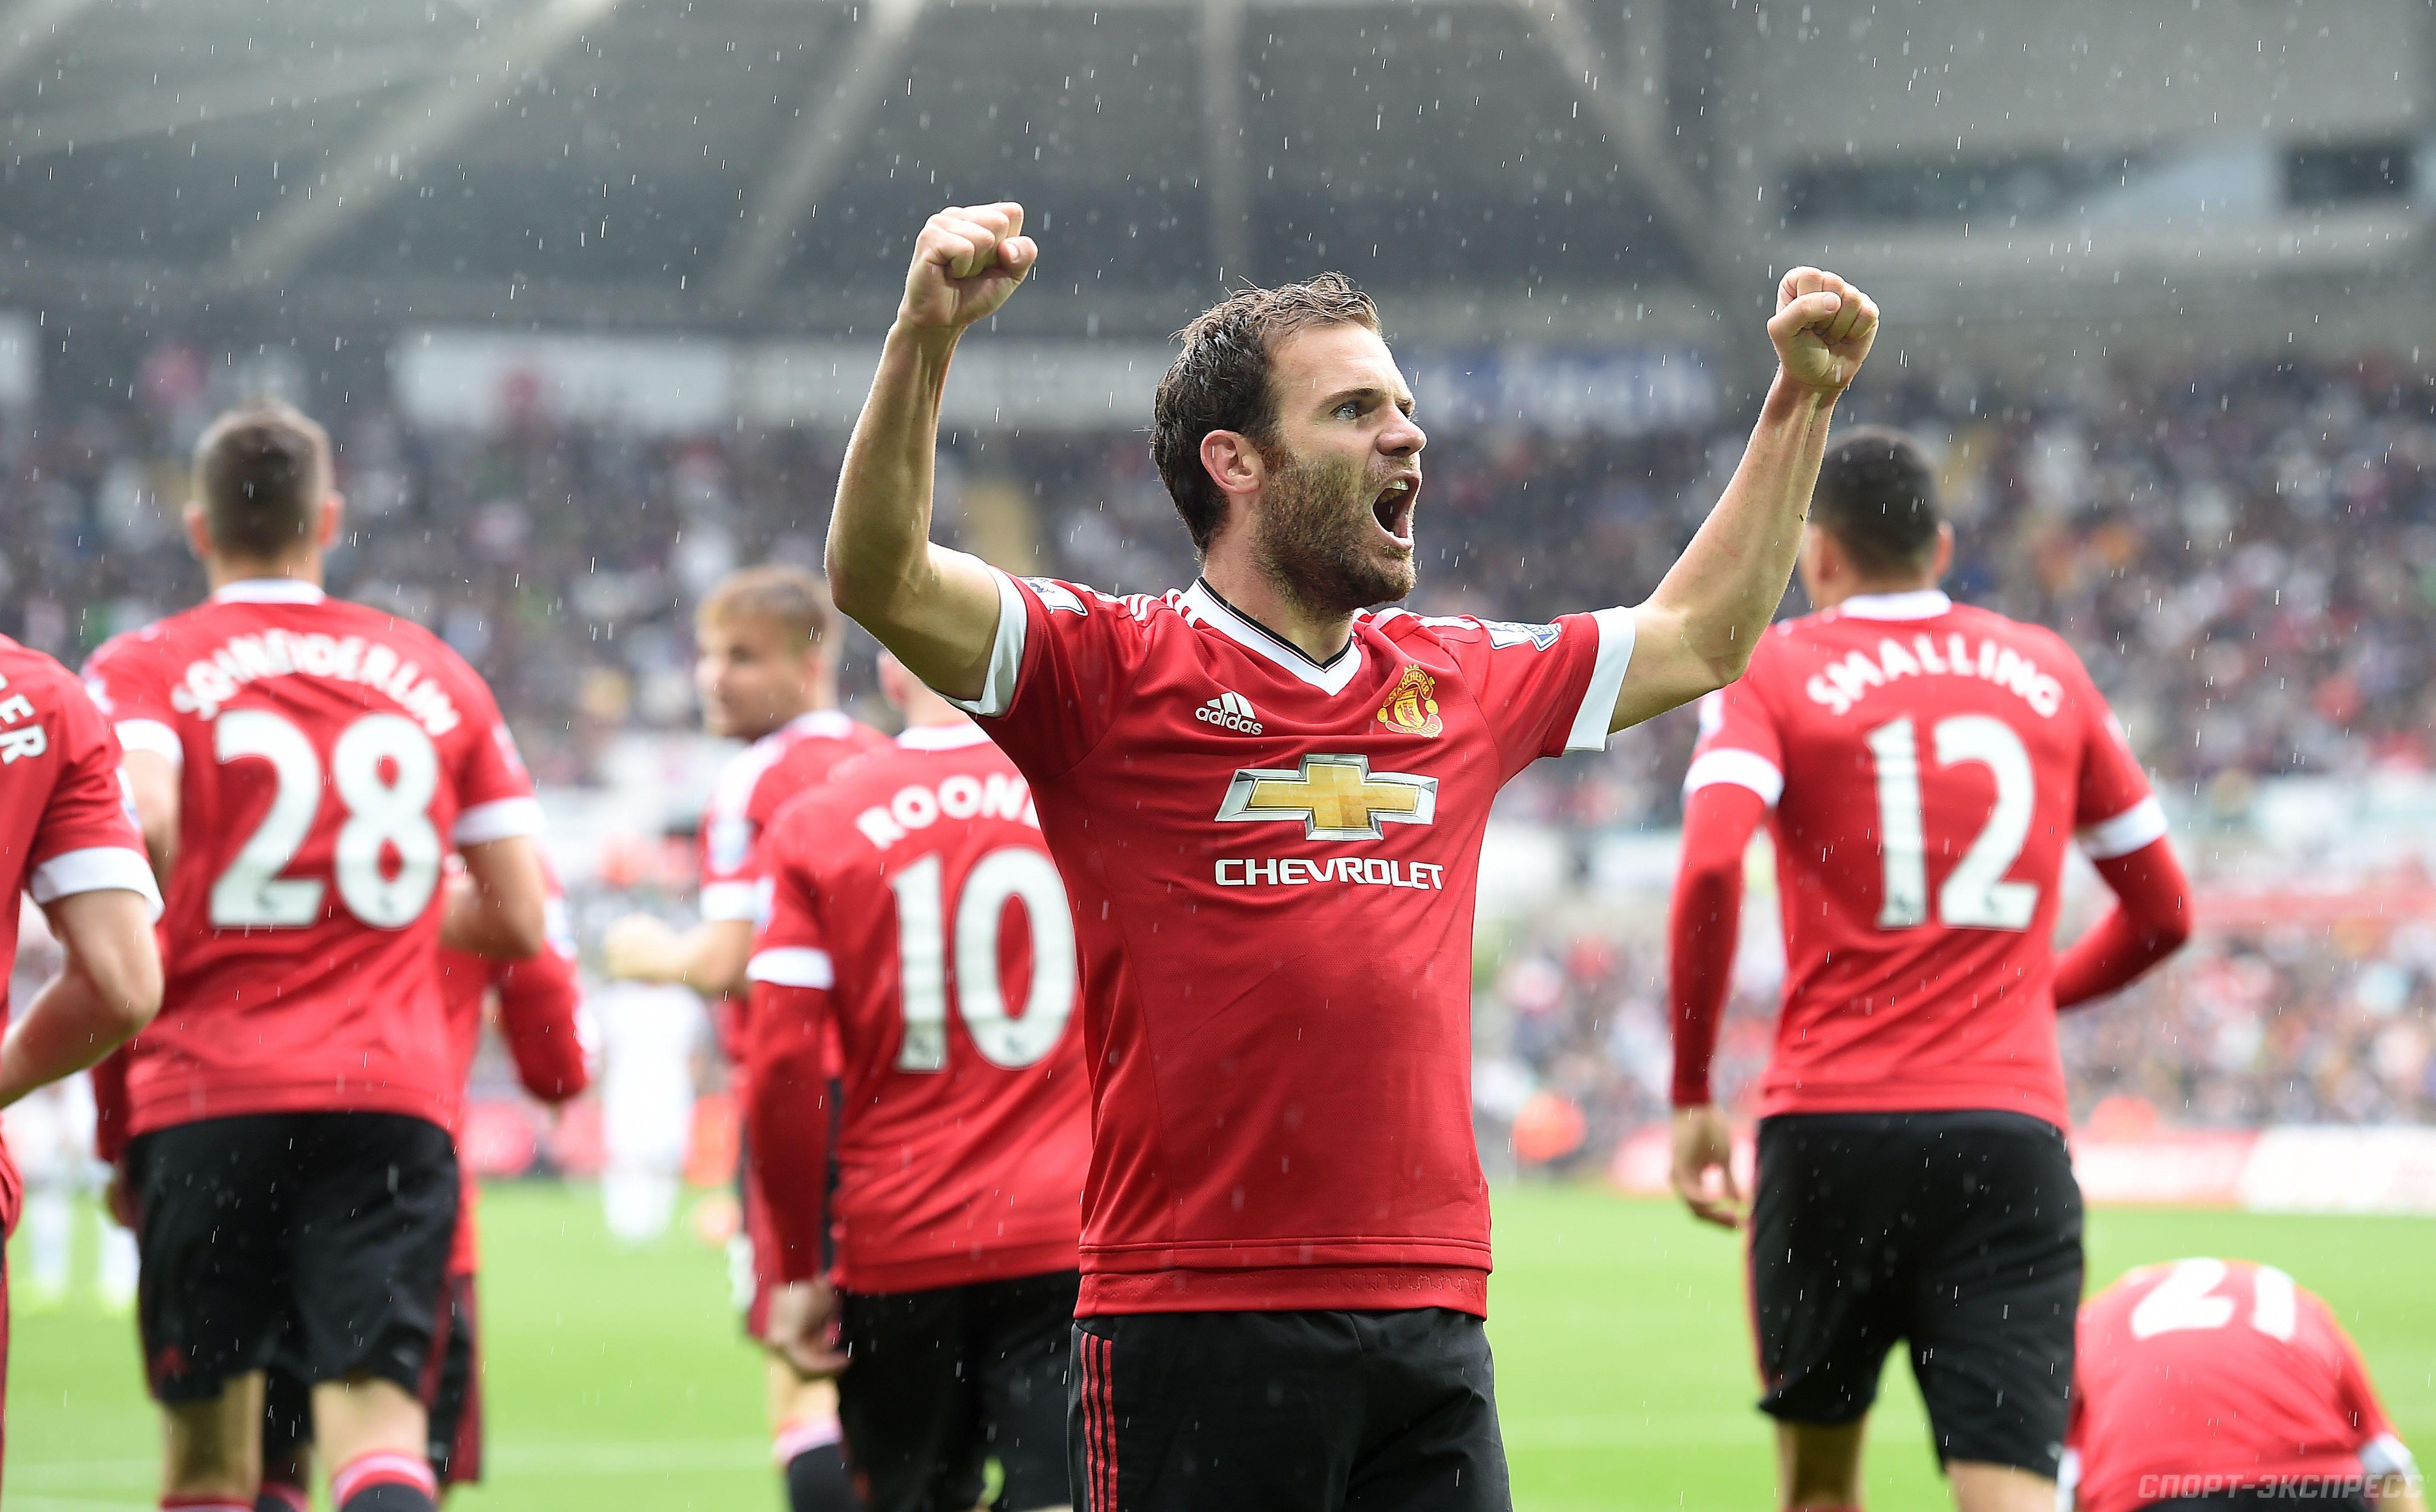 Прогноз на матч Манчестер Юнайтед - Дерби: приезжий клуб выиграет с форой 2,5